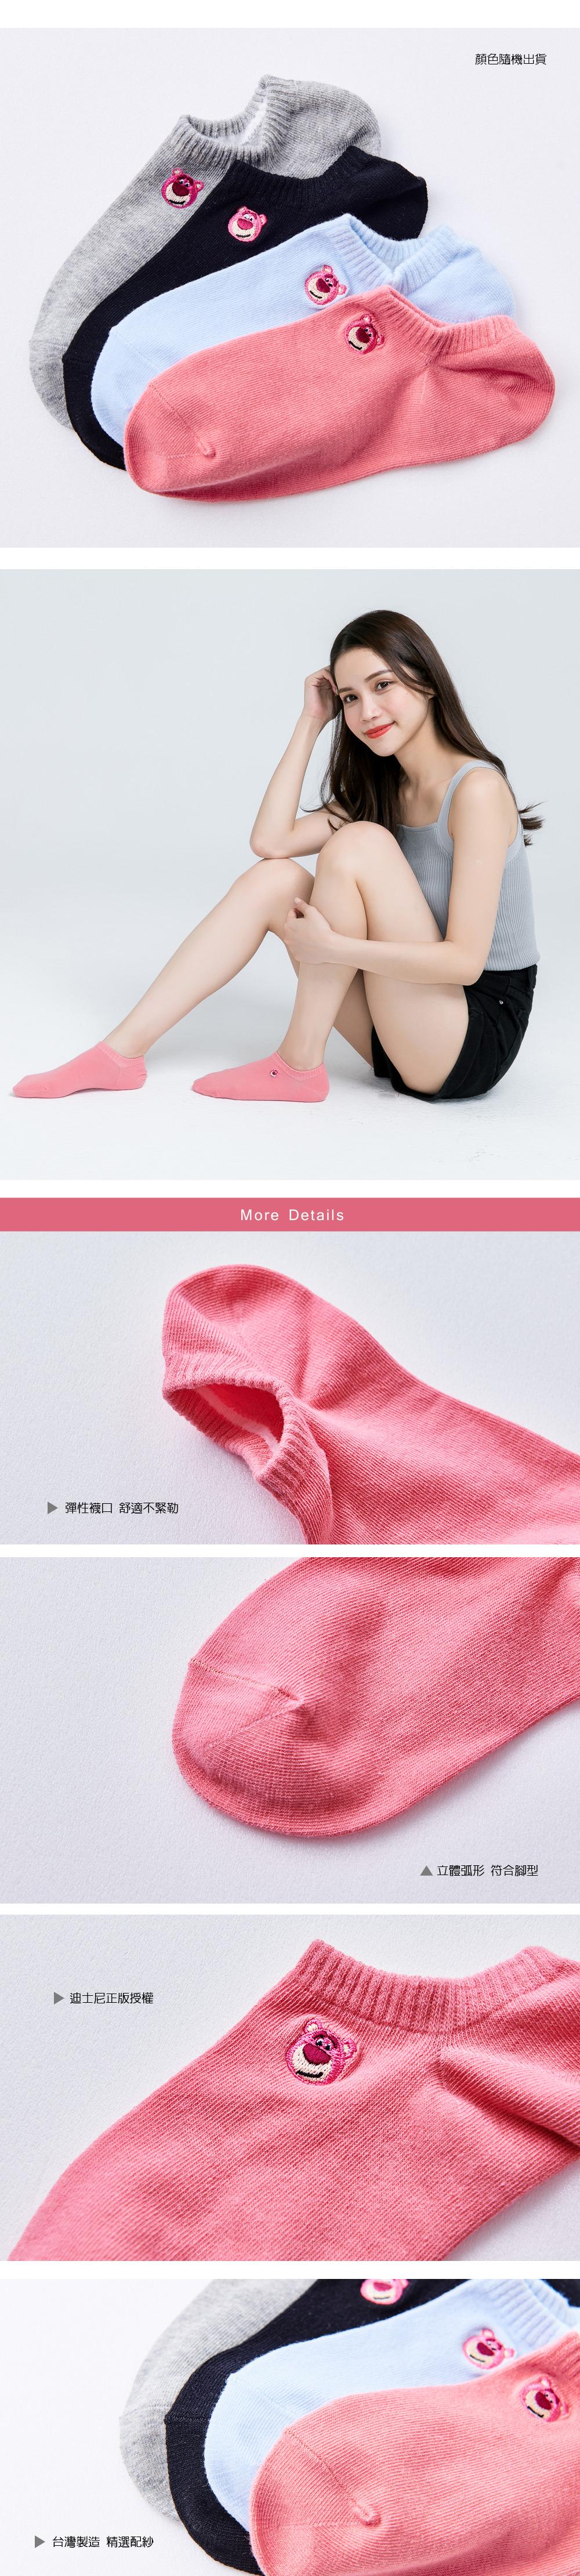 熊抱哥刺繡船襪-01